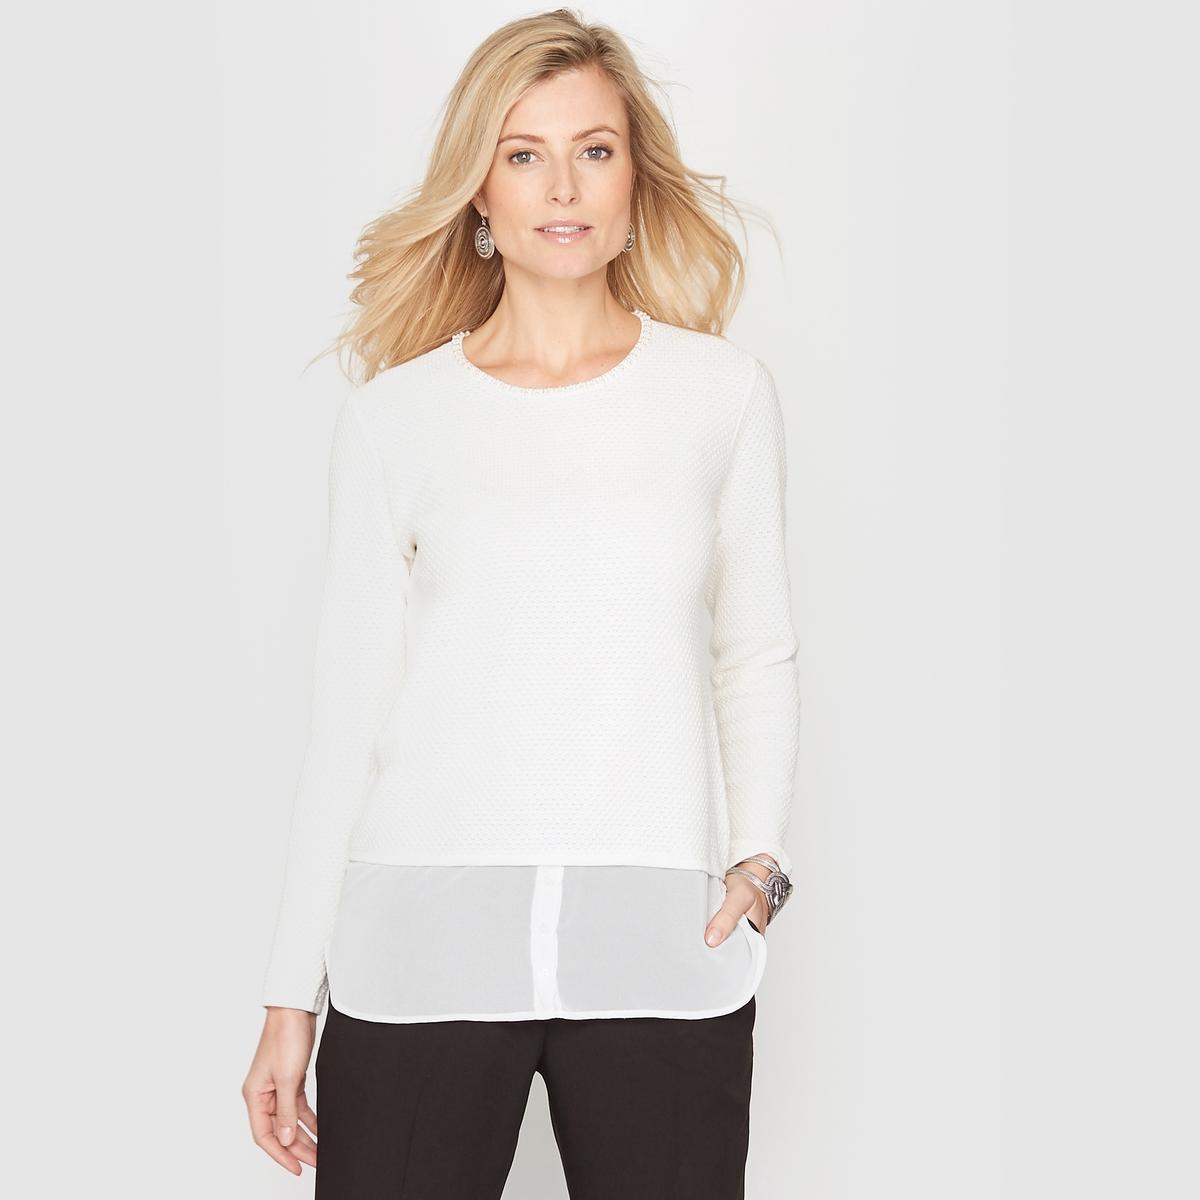 Пуловер-туника, эффект 2 в 1Женственный блестящий пуловер. Фантазийный трикотаж 2 в 1. Круглый вырез, украшенный бусинами.Рубашечный низ из полиэстеровой вуали, застежка на пуговицы. Прспушенные плечевые швы. Длинные рукава, края в рубчик.  Длина. 68 см. Джерси, 50% хлопка, 50% акрила.<br><br>Цвет: коралловый,серый жемчужный,экрю<br>Размер: 50/52 (FR) - 56/58 (RUS).38/40 (FR) - 44/46 (RUS).42/44 (FR) - 48/50 (RUS)